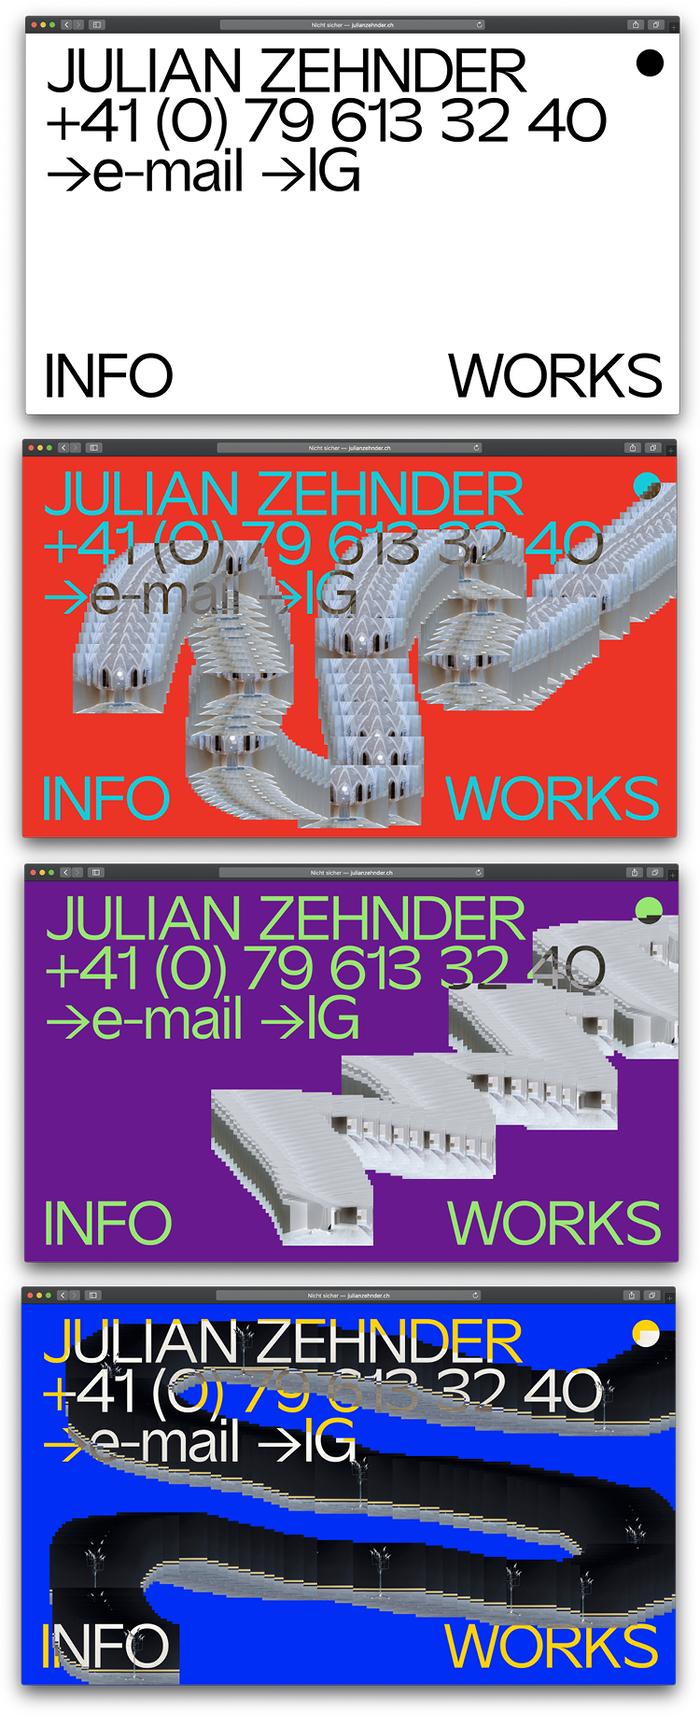 Julian Zehnder website 2